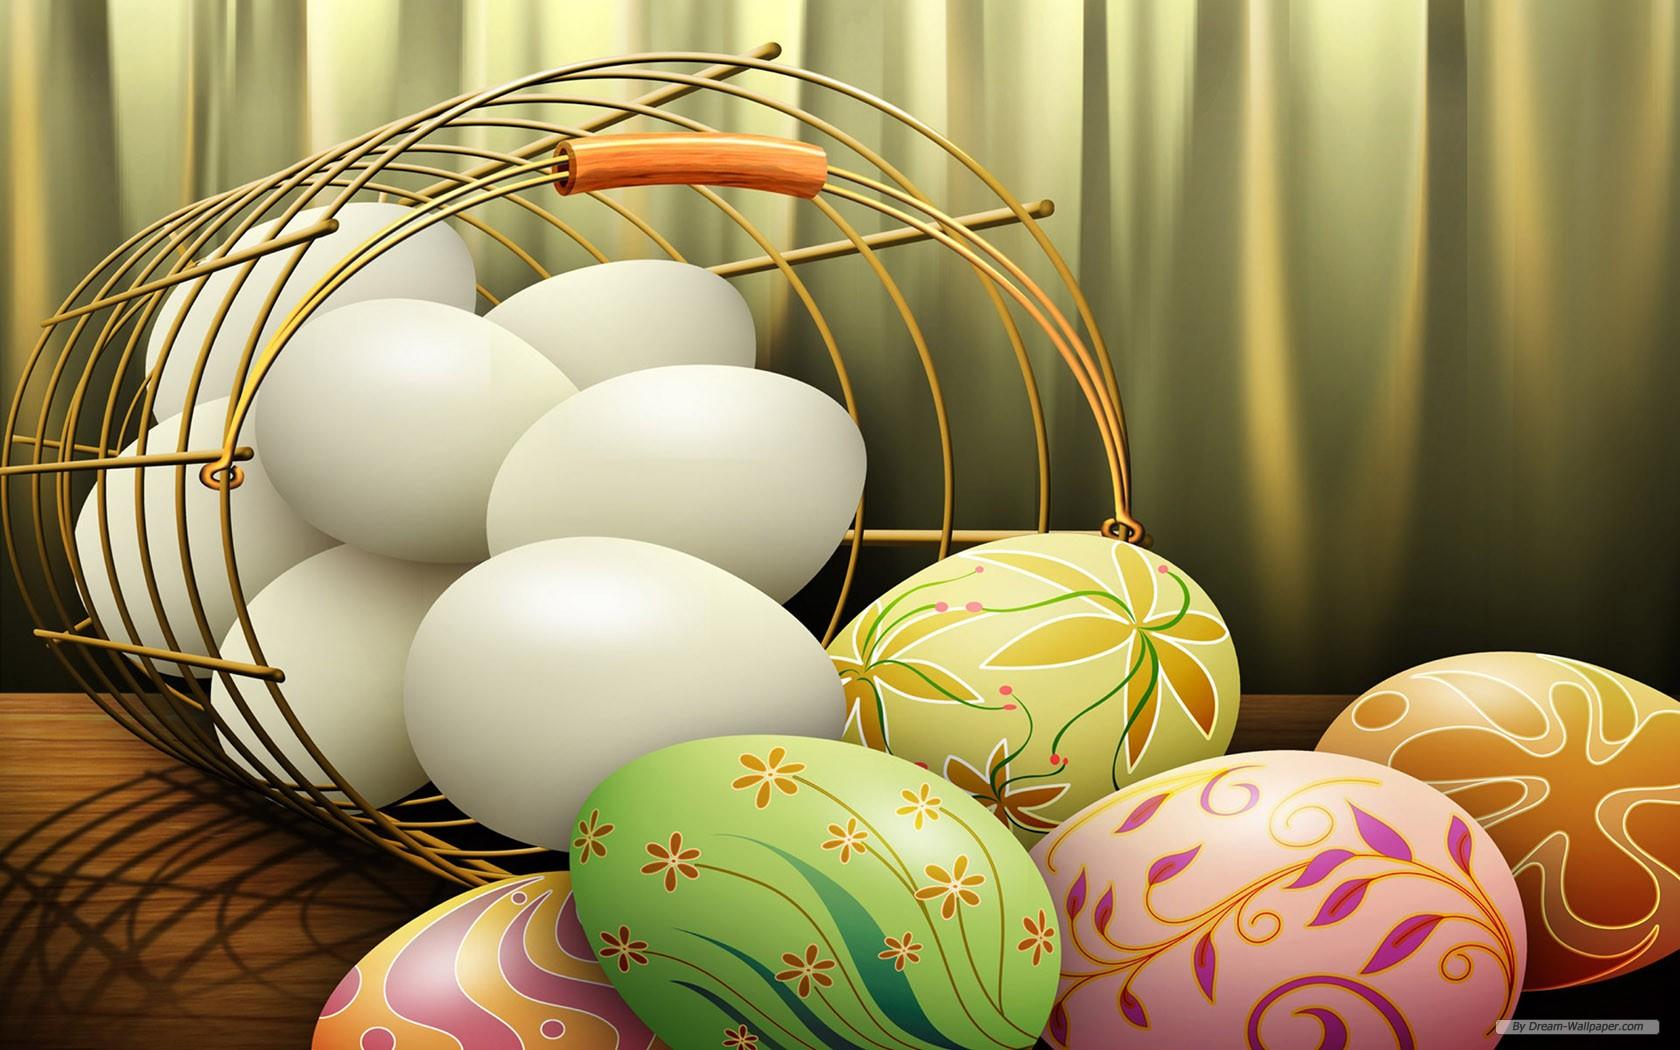 Desktop Wallpapers Ddownload Easter Desktop Wallpaper 1680x1050